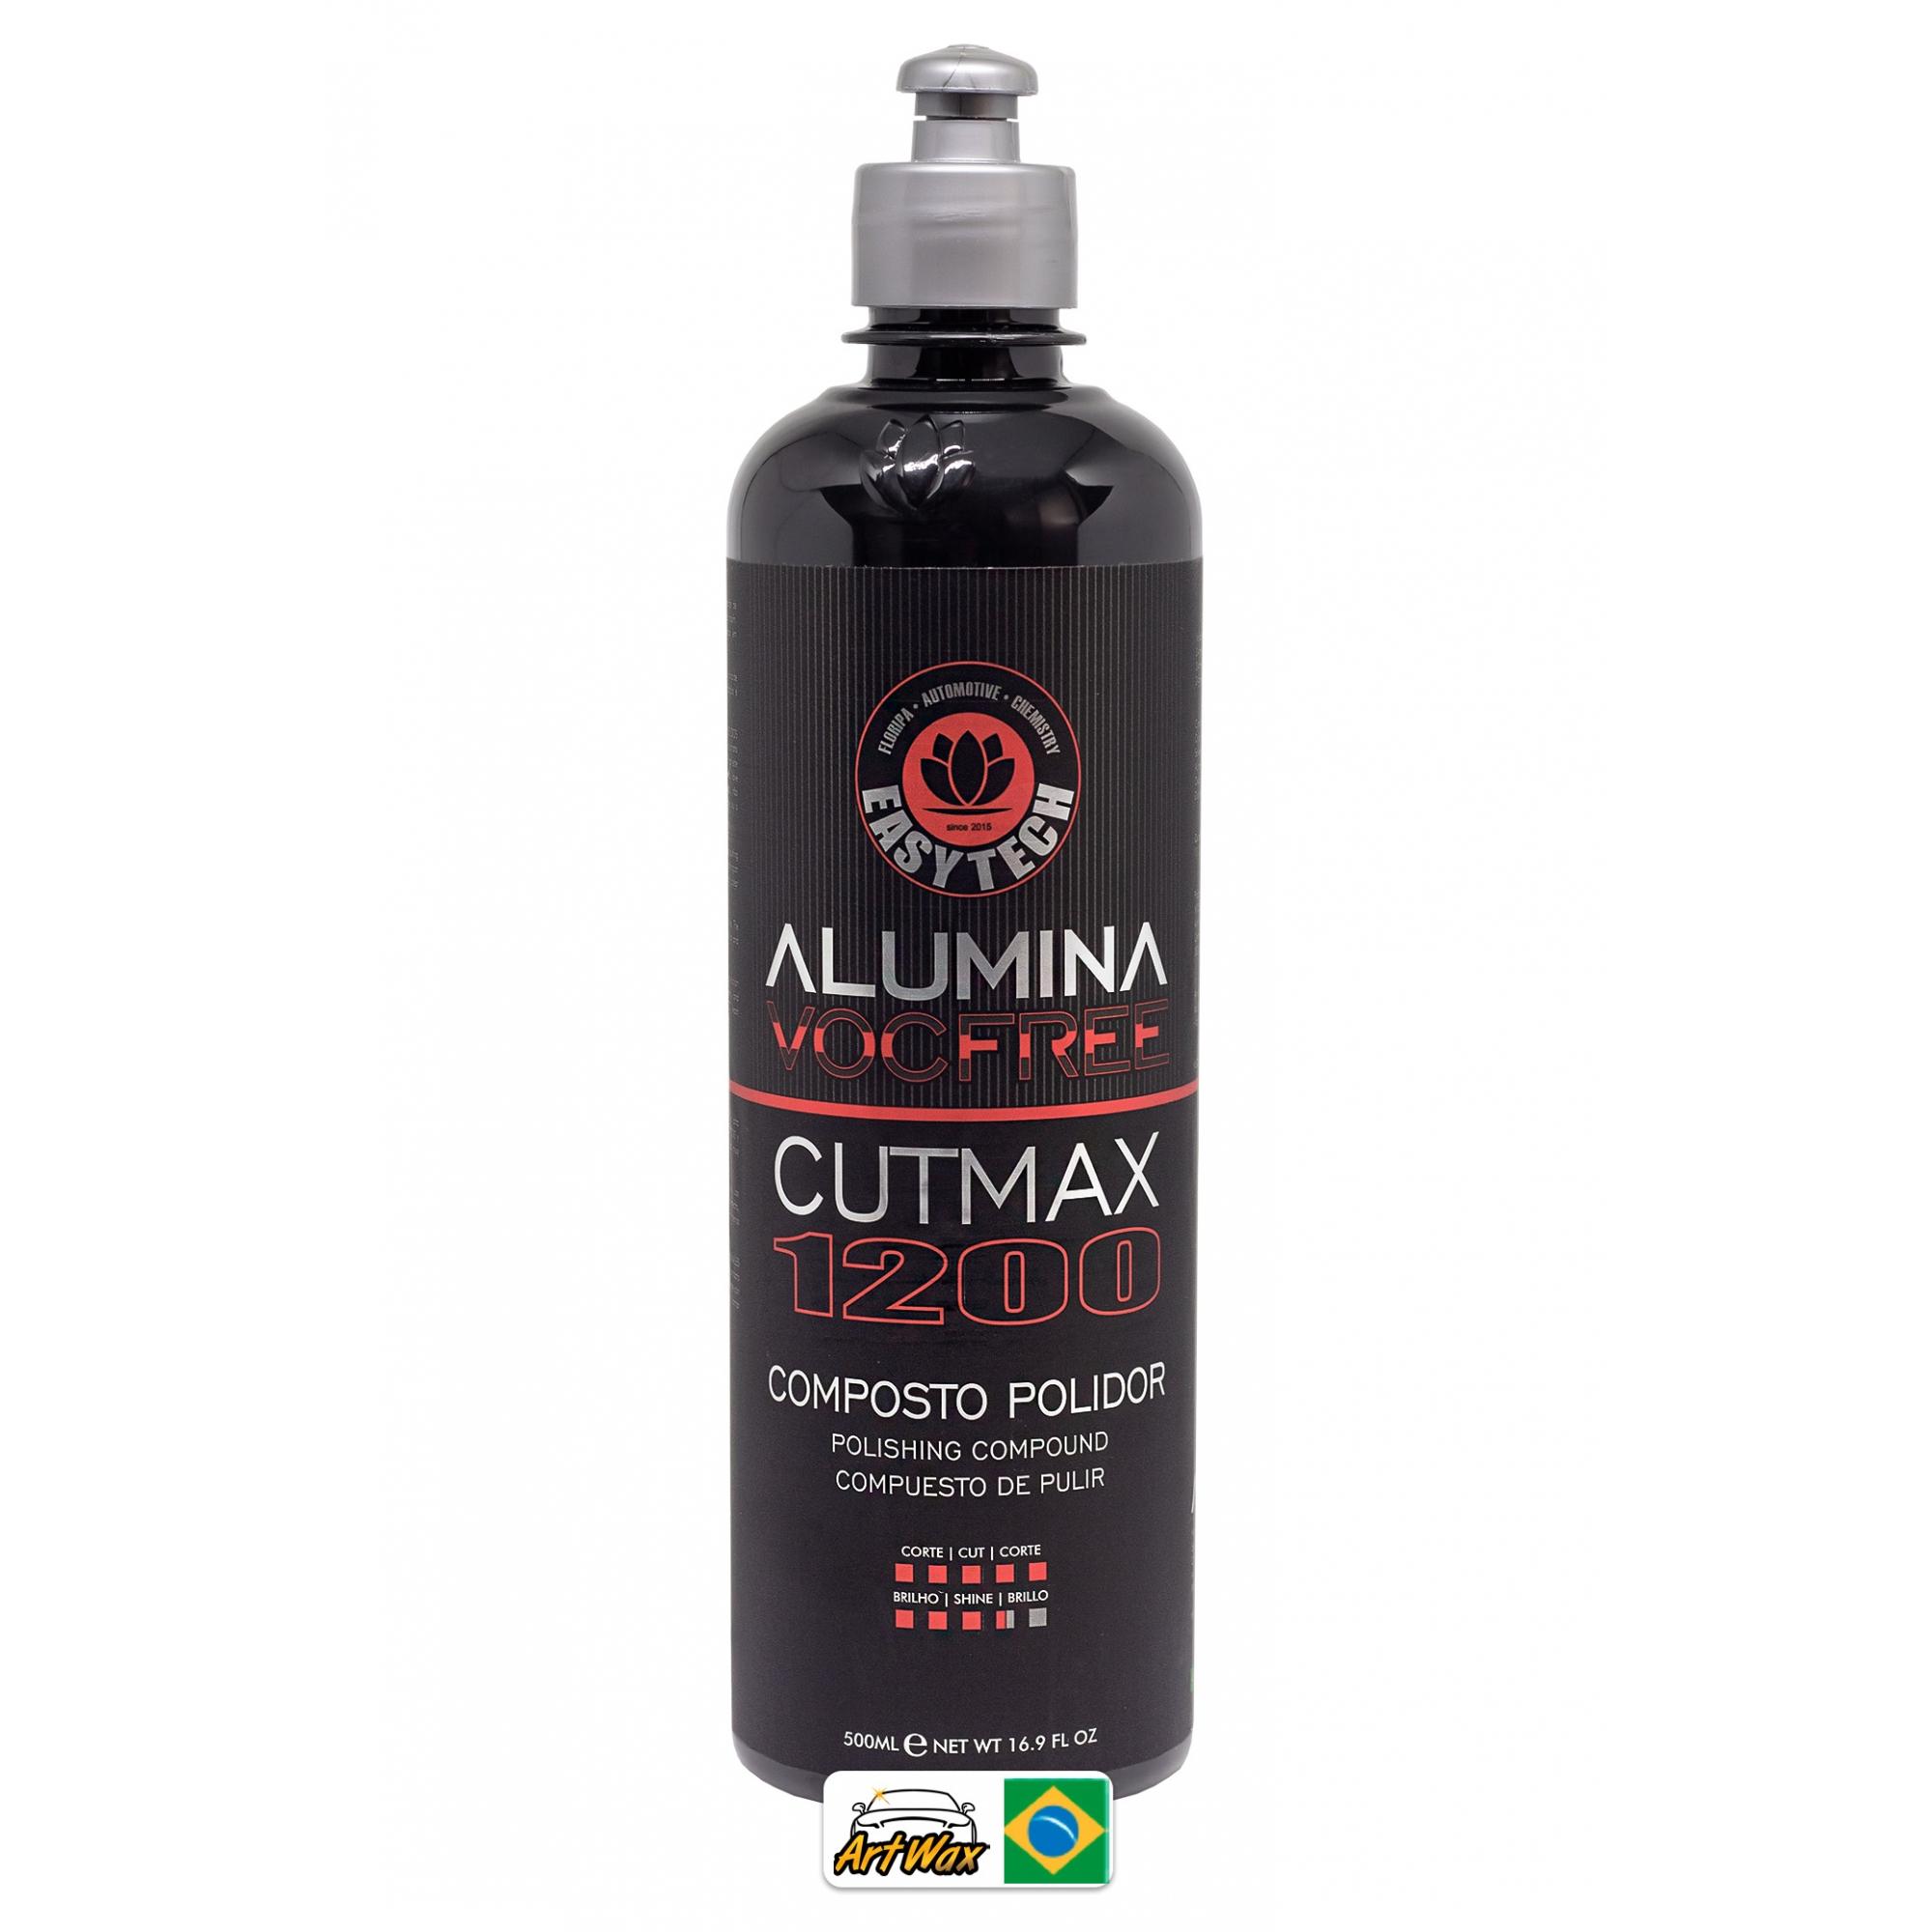 Easytech Alumina 1200 Cut Max 500ml - Composto Polidor de Corte Pesado